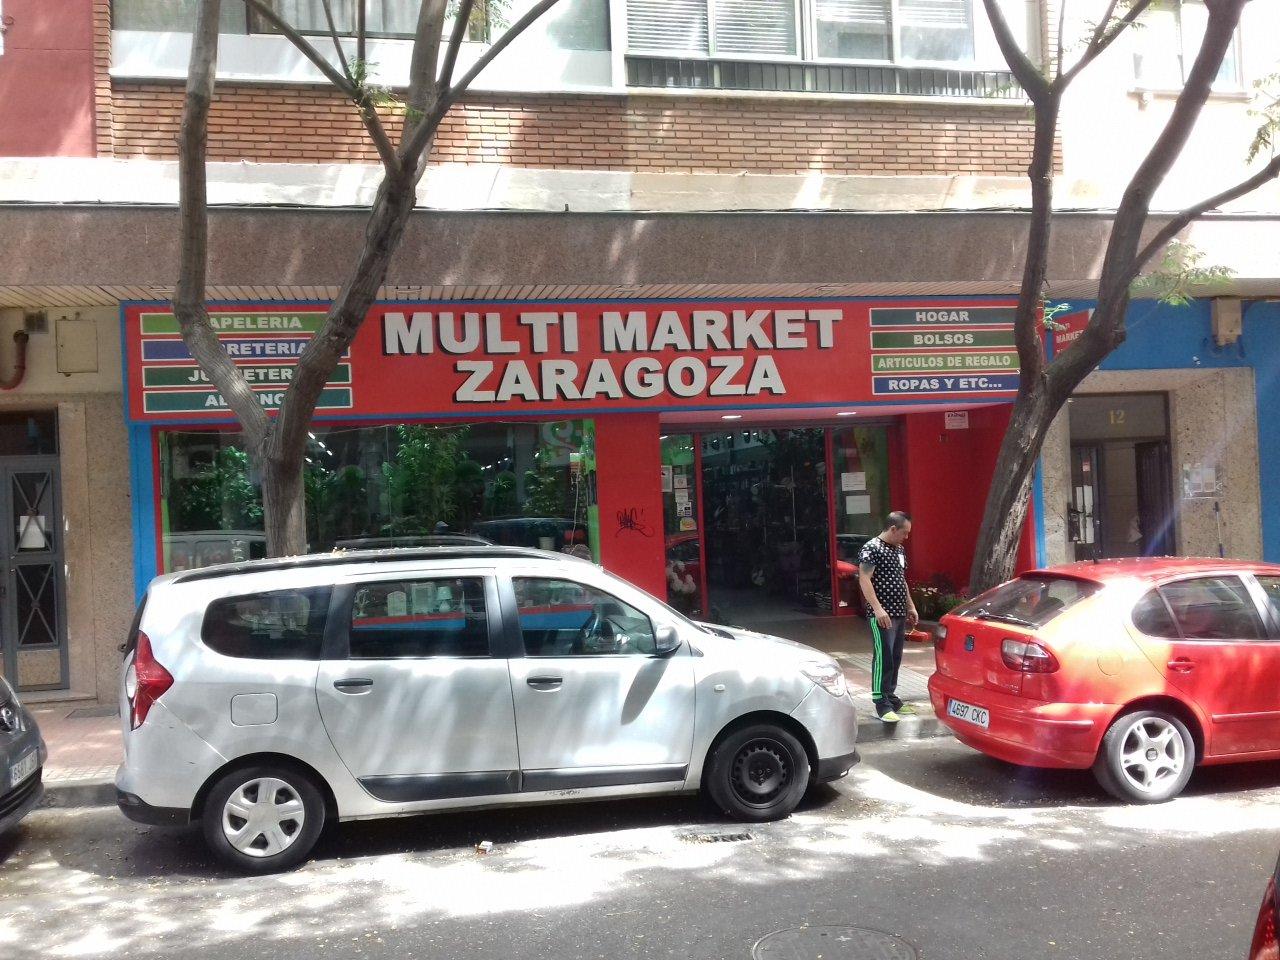 Tiendas emblemáticas de #LasFuentes sustituidas por grandes bazares https://t.co/H0aG5lHWdZ